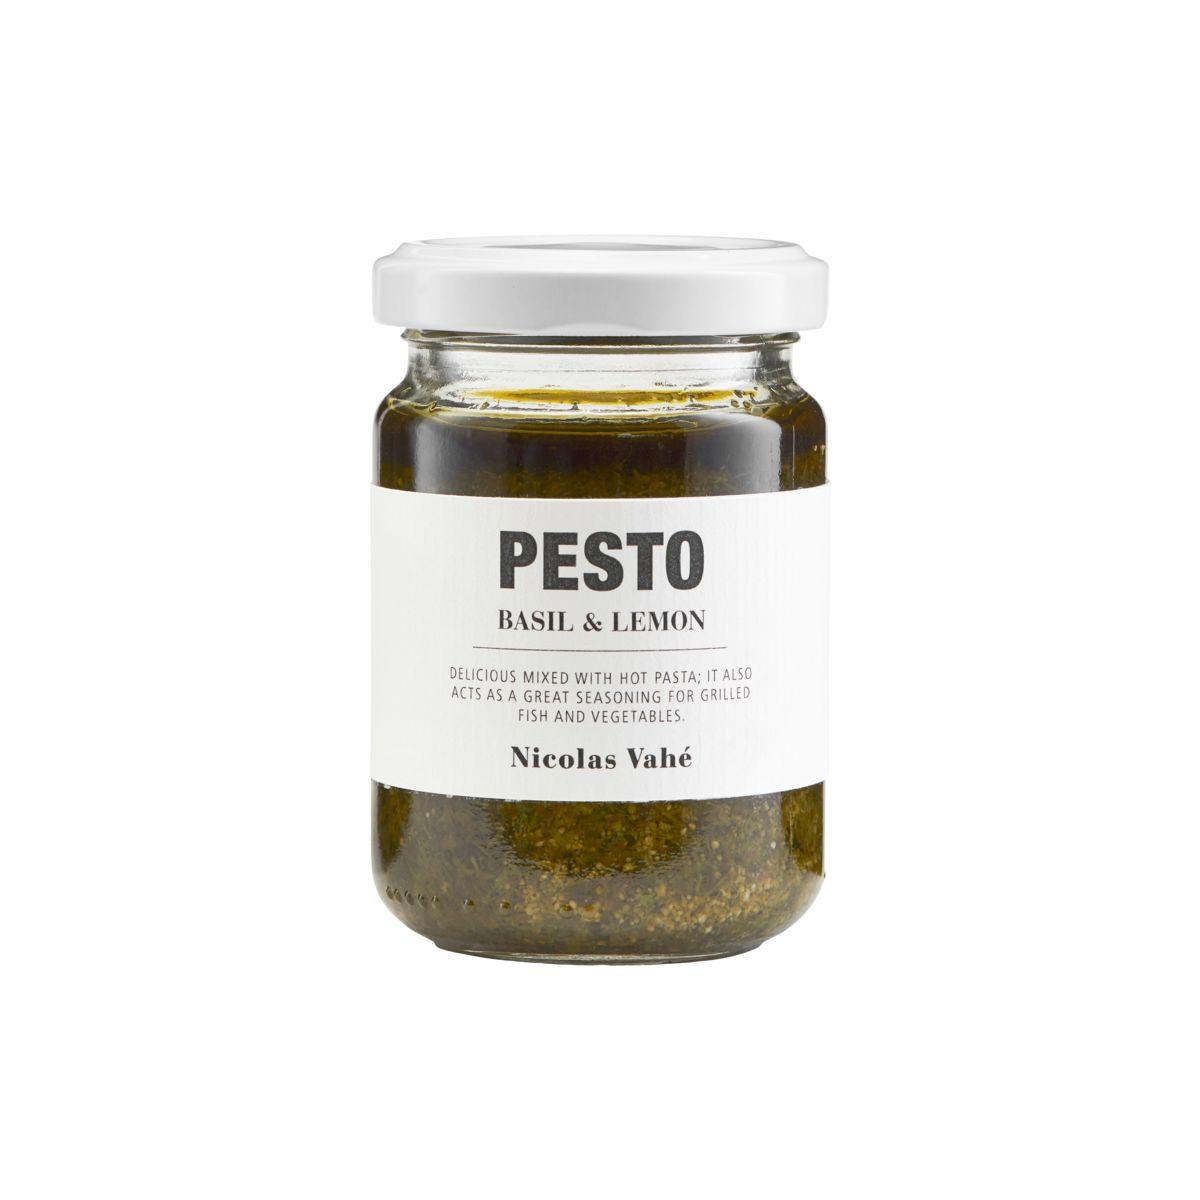 Pesto de Albahaca y Limon - Nicolas Vahe - regalo foodie - ideas cocina - Liderlamp (1)